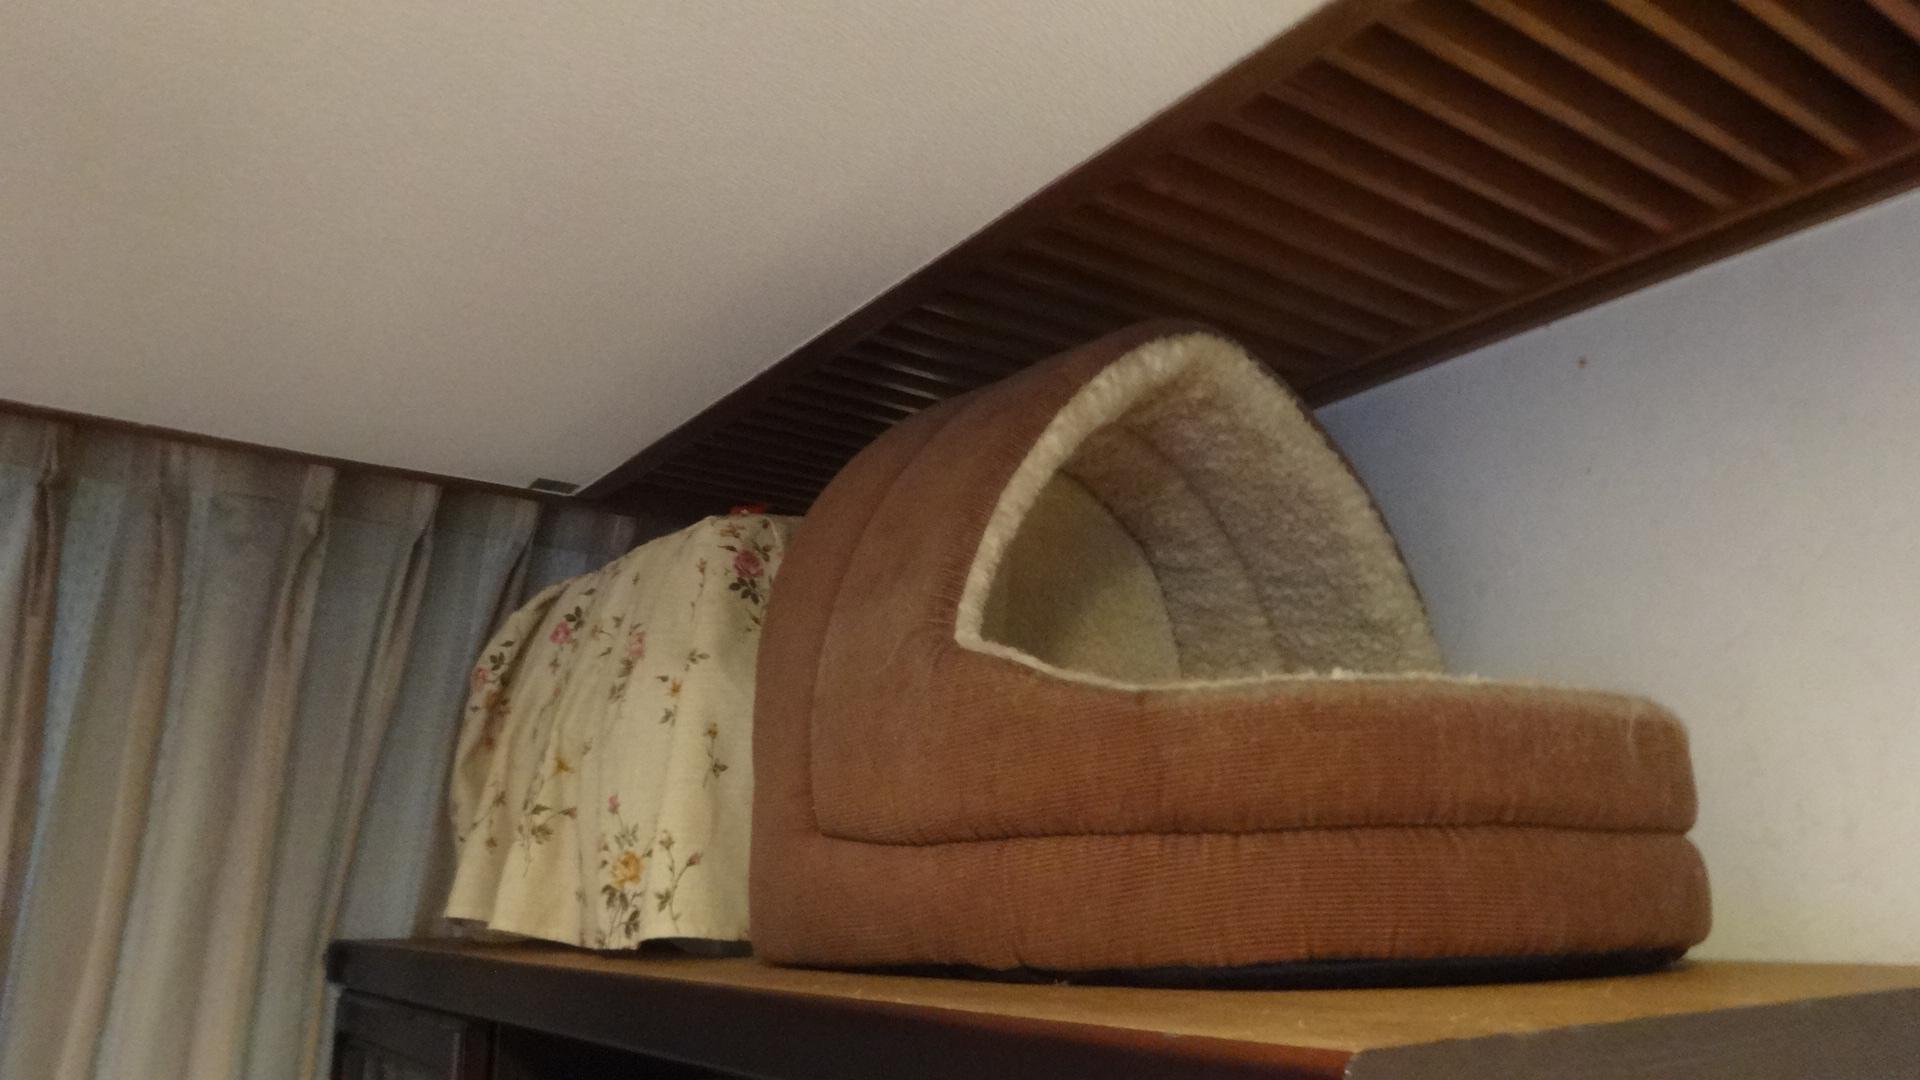 居間の隅の本棚の上に置かれたネコハウス